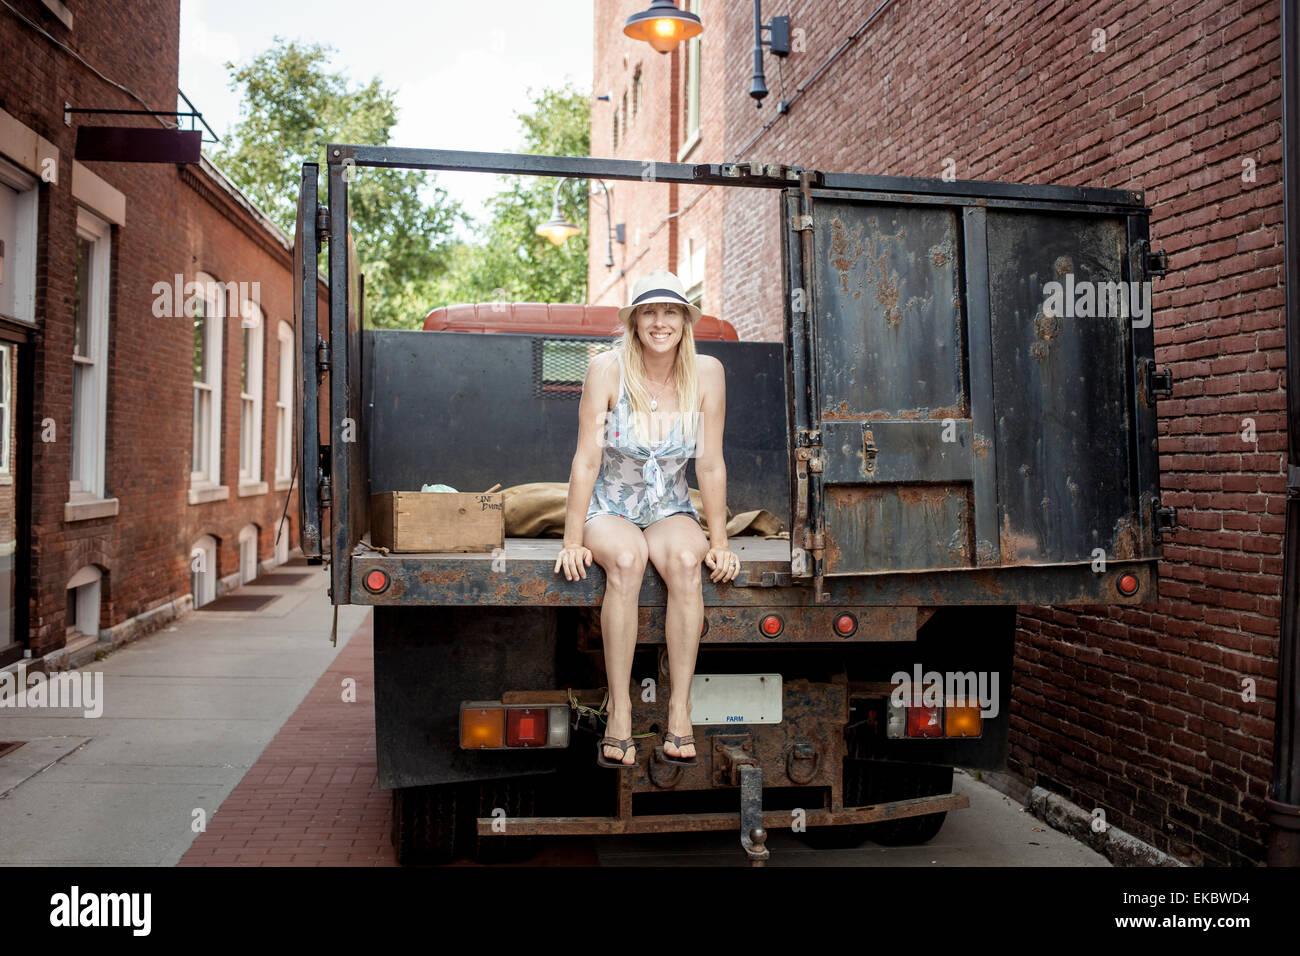 Mujer sentada sobre un camión de alimentos orgánicos del agricultor fuera de tienda de ultramarinos Imagen De Stock